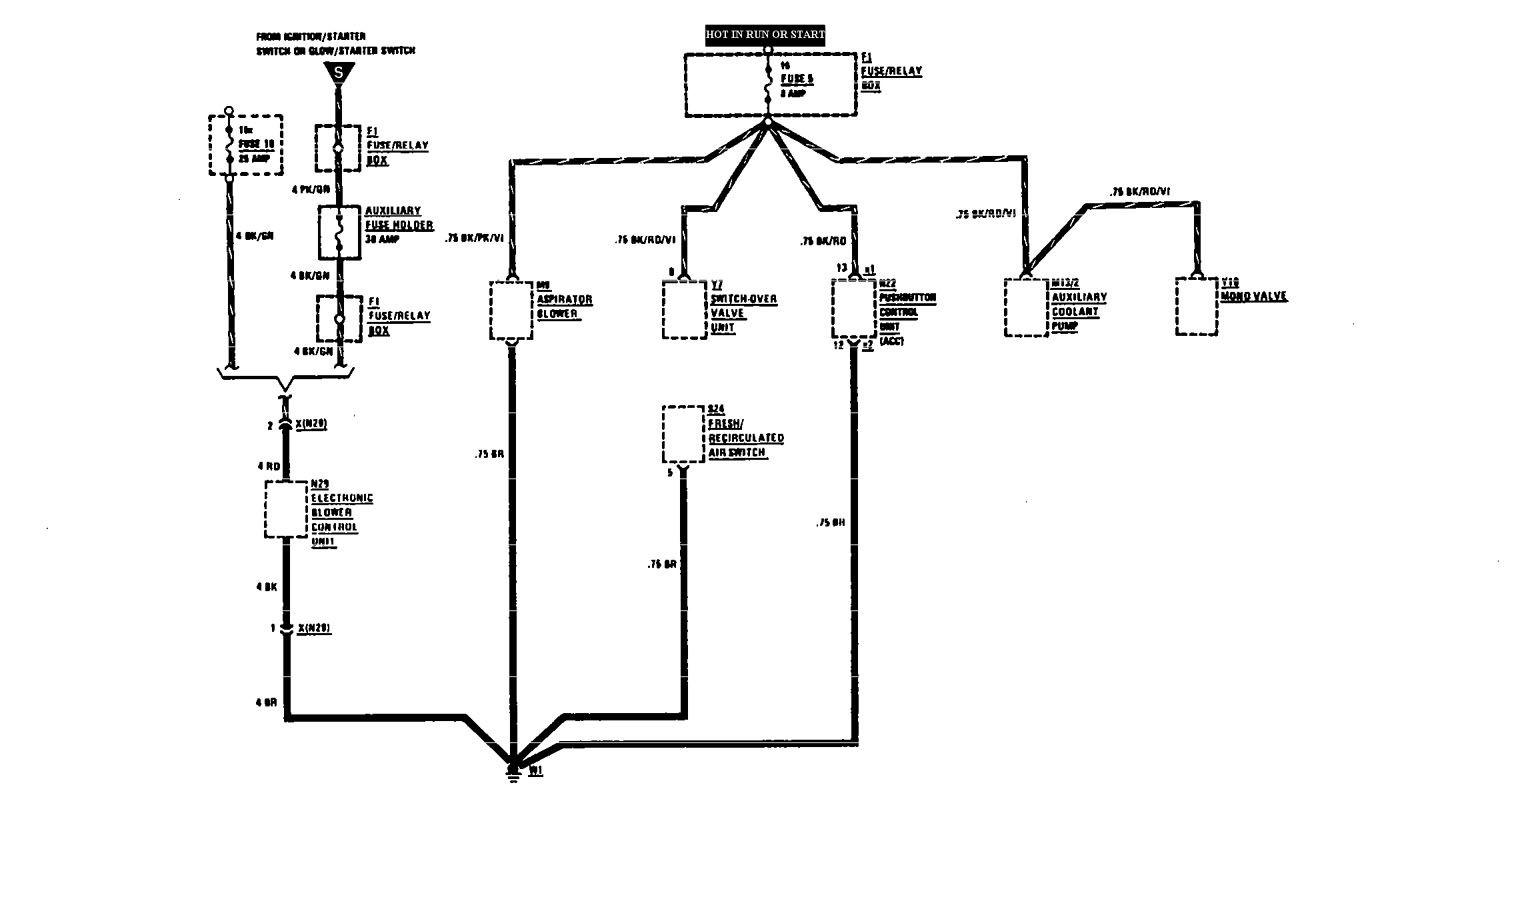 Fuse Wiring Diagram Mercedes 560sec John Deere 4520 Wiring Harness Coorsaa Sehidup Jeanjaures37 Fr